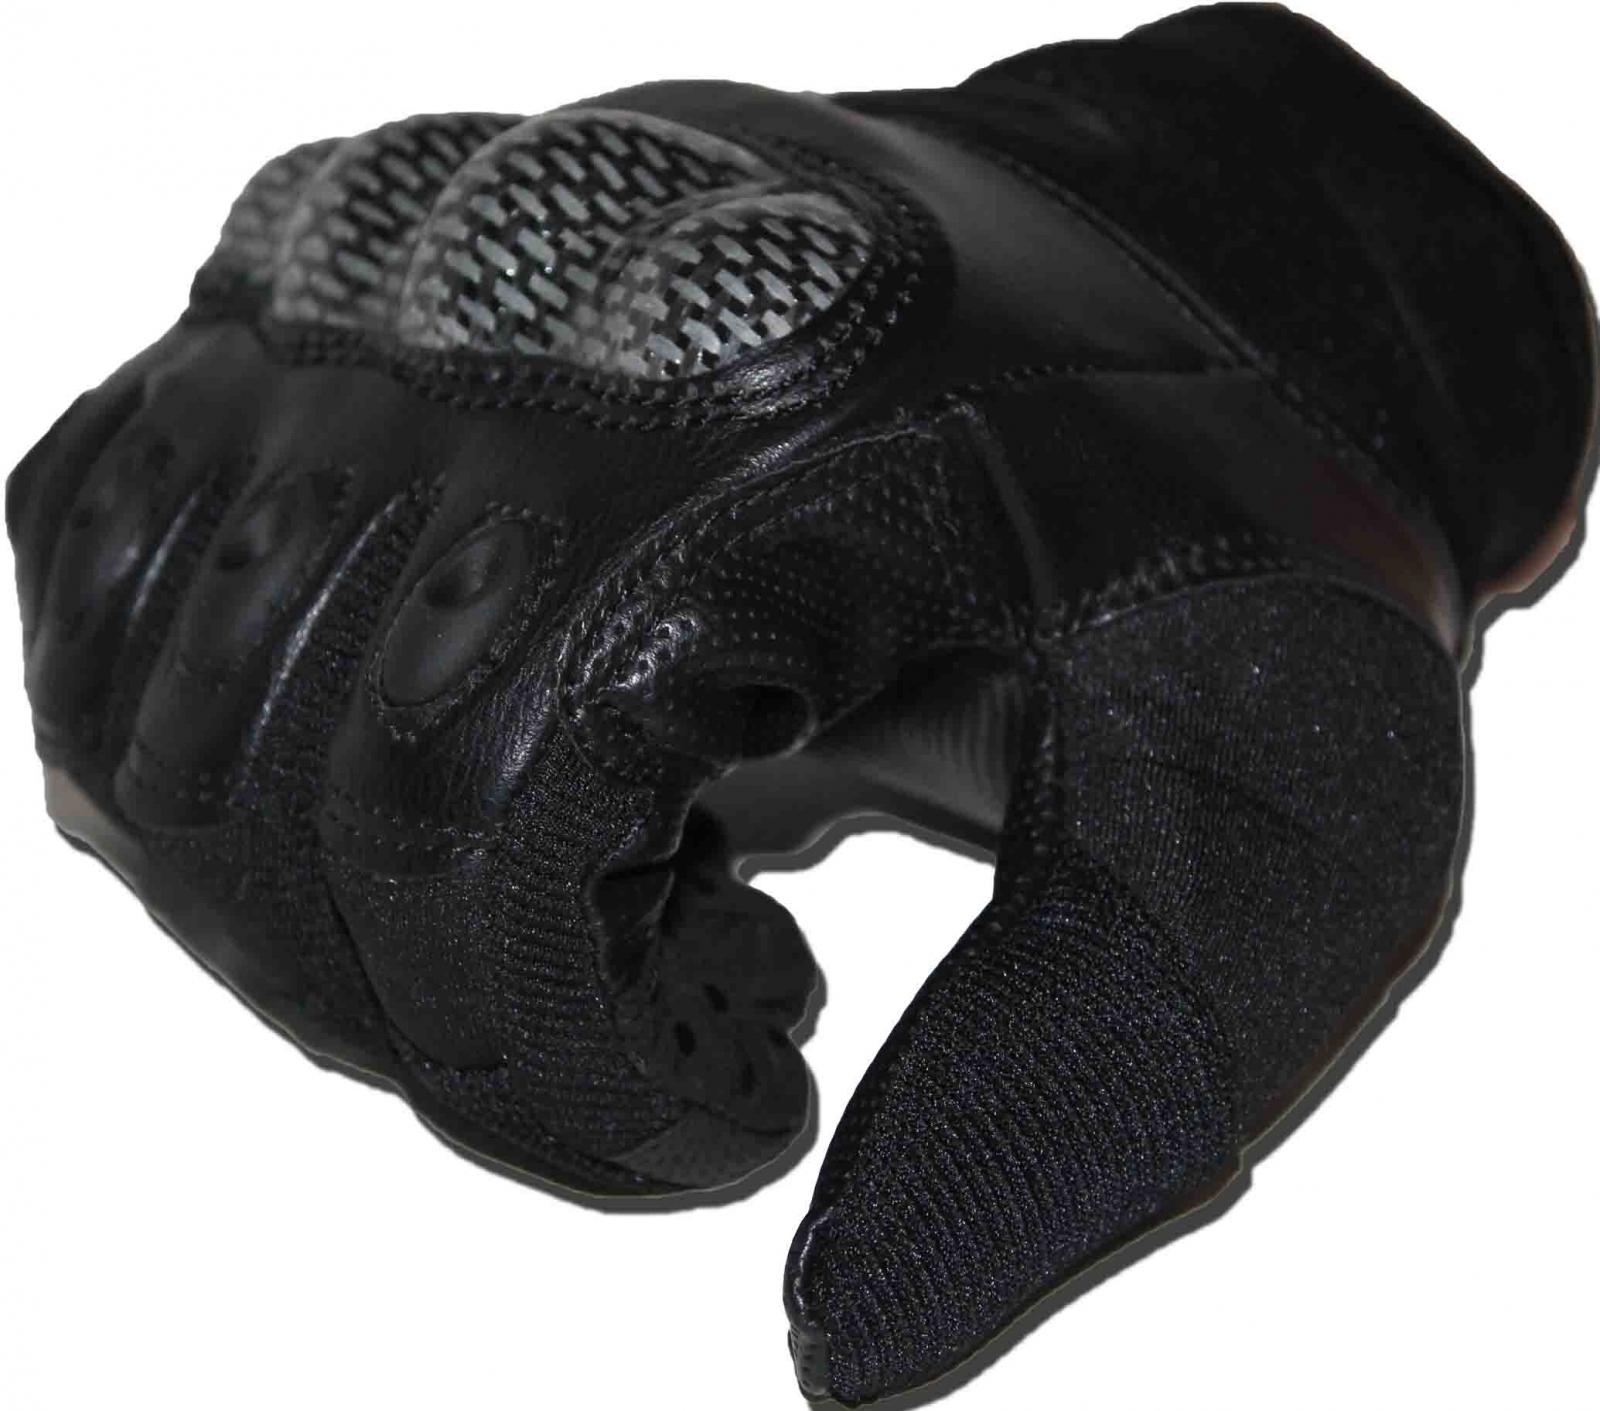 Тактические перчатки Oakley с кевларом -вид сбоку